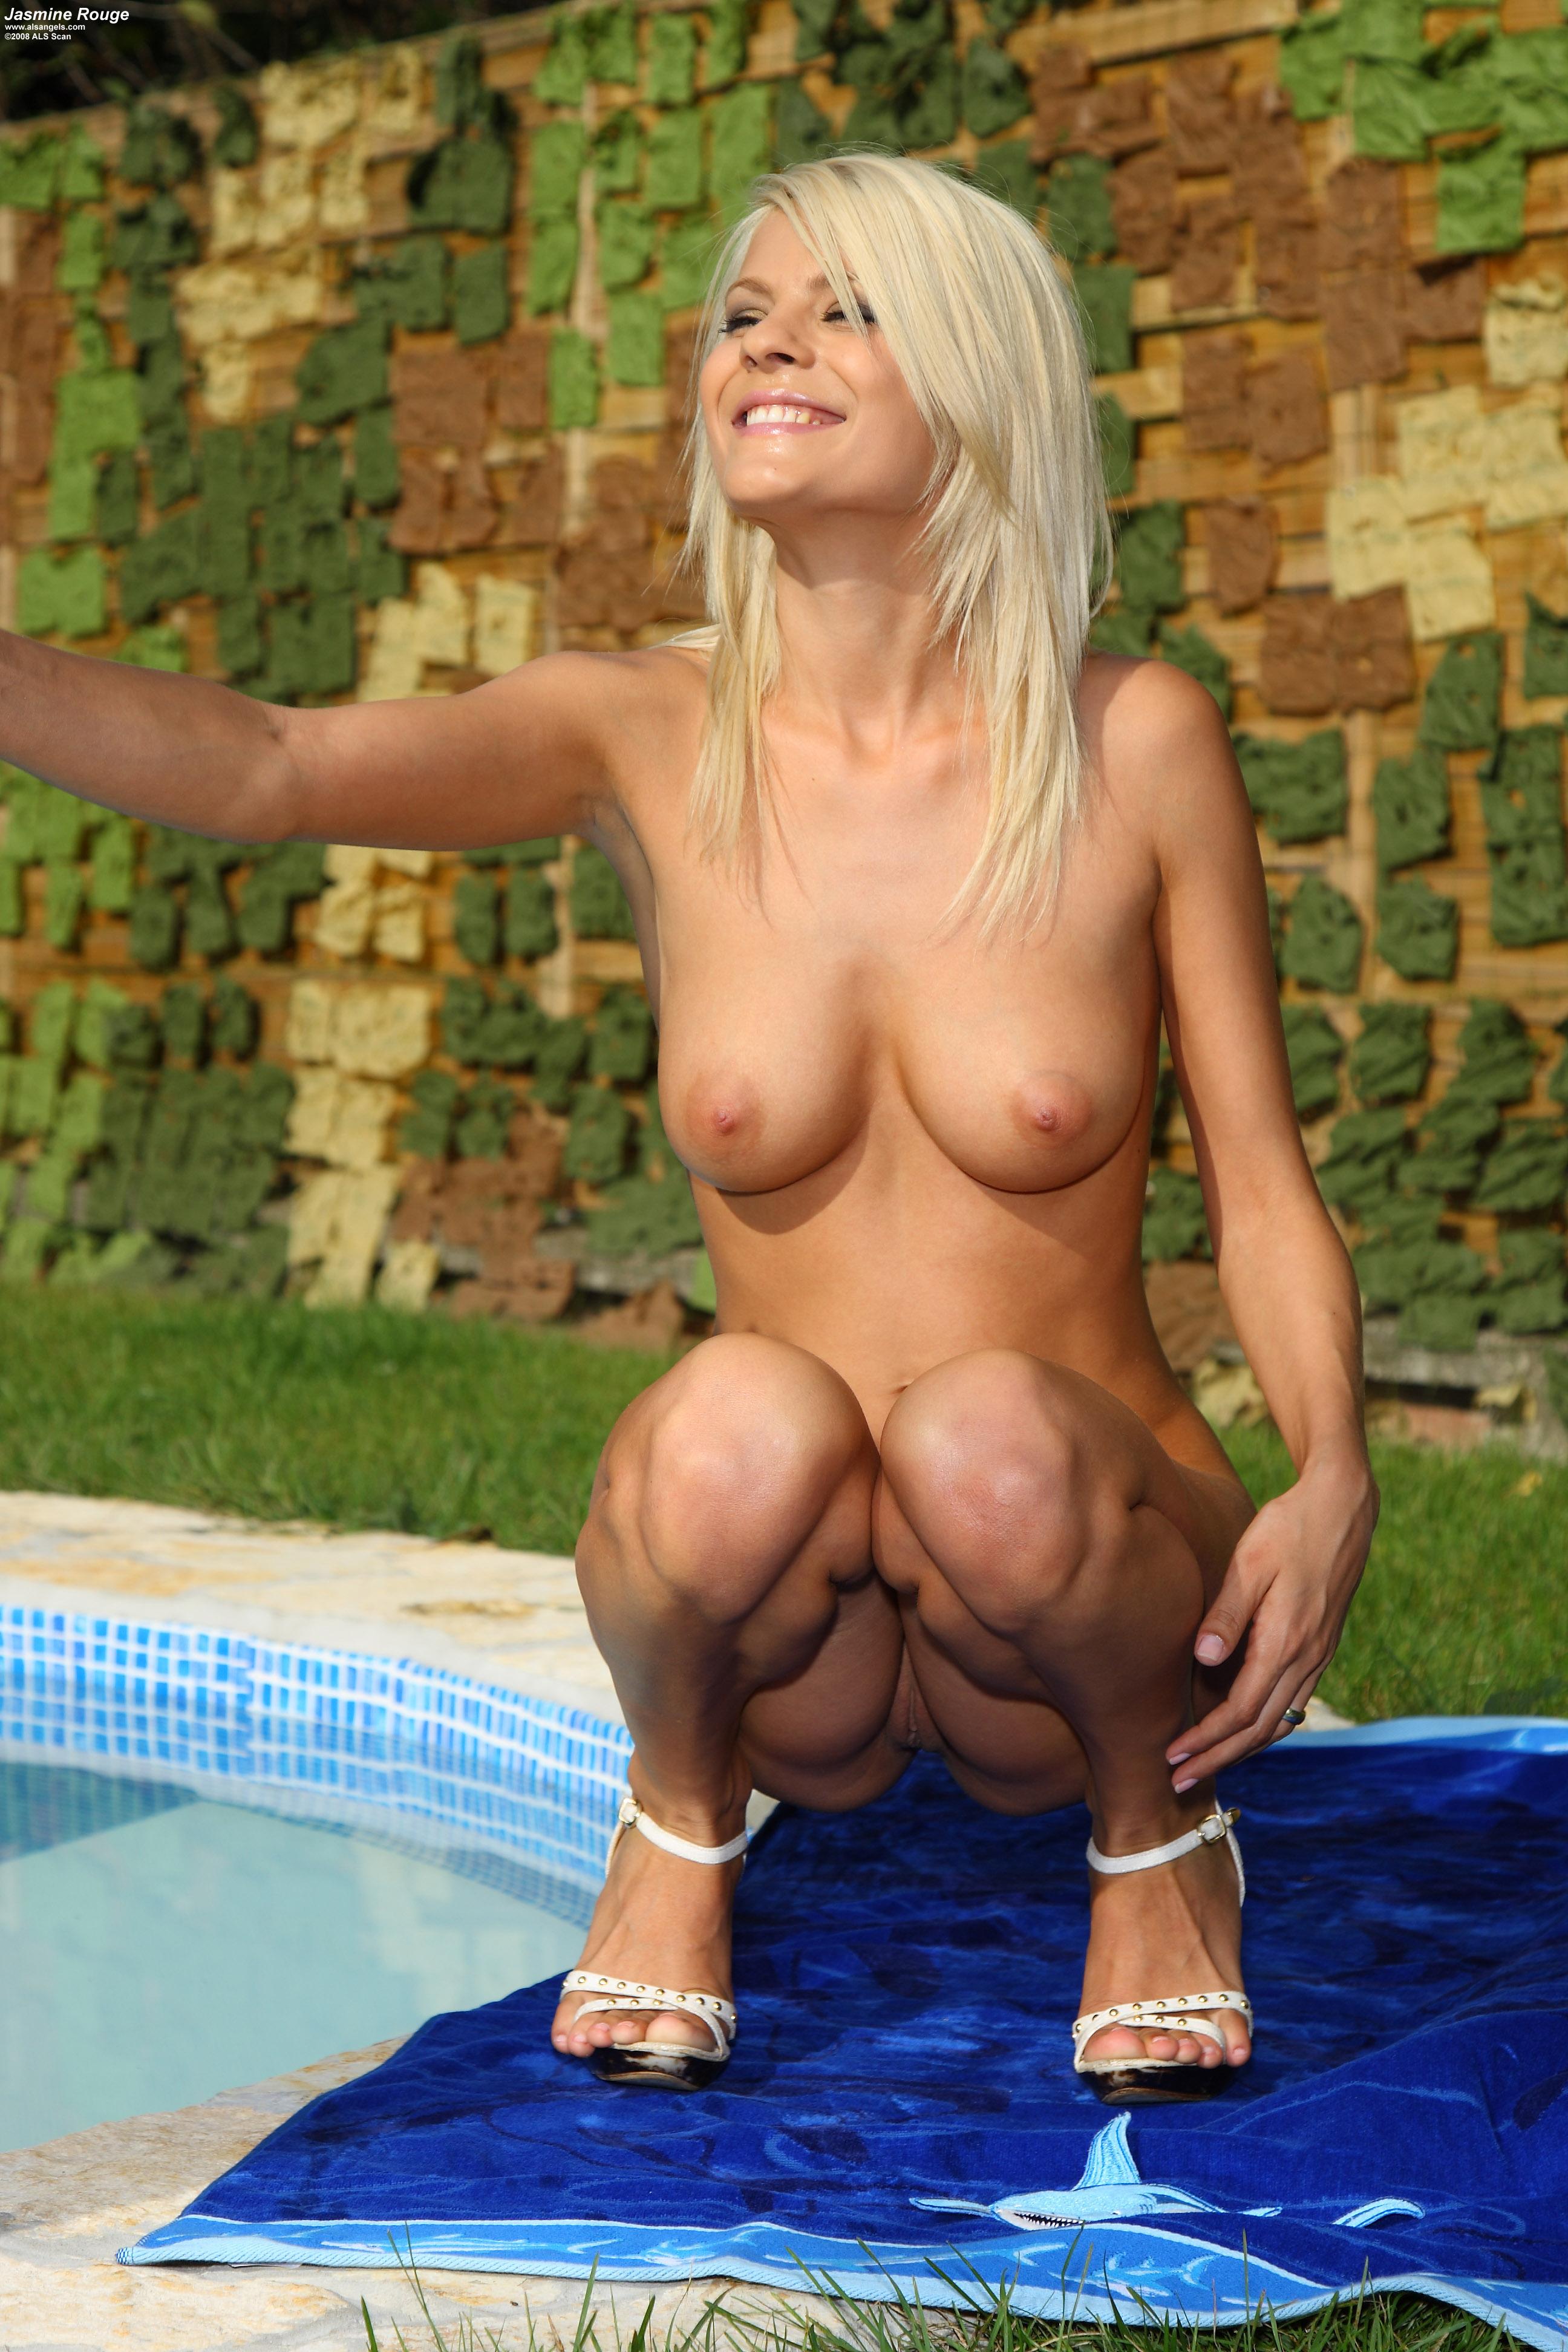 jasmine-rouge-nude